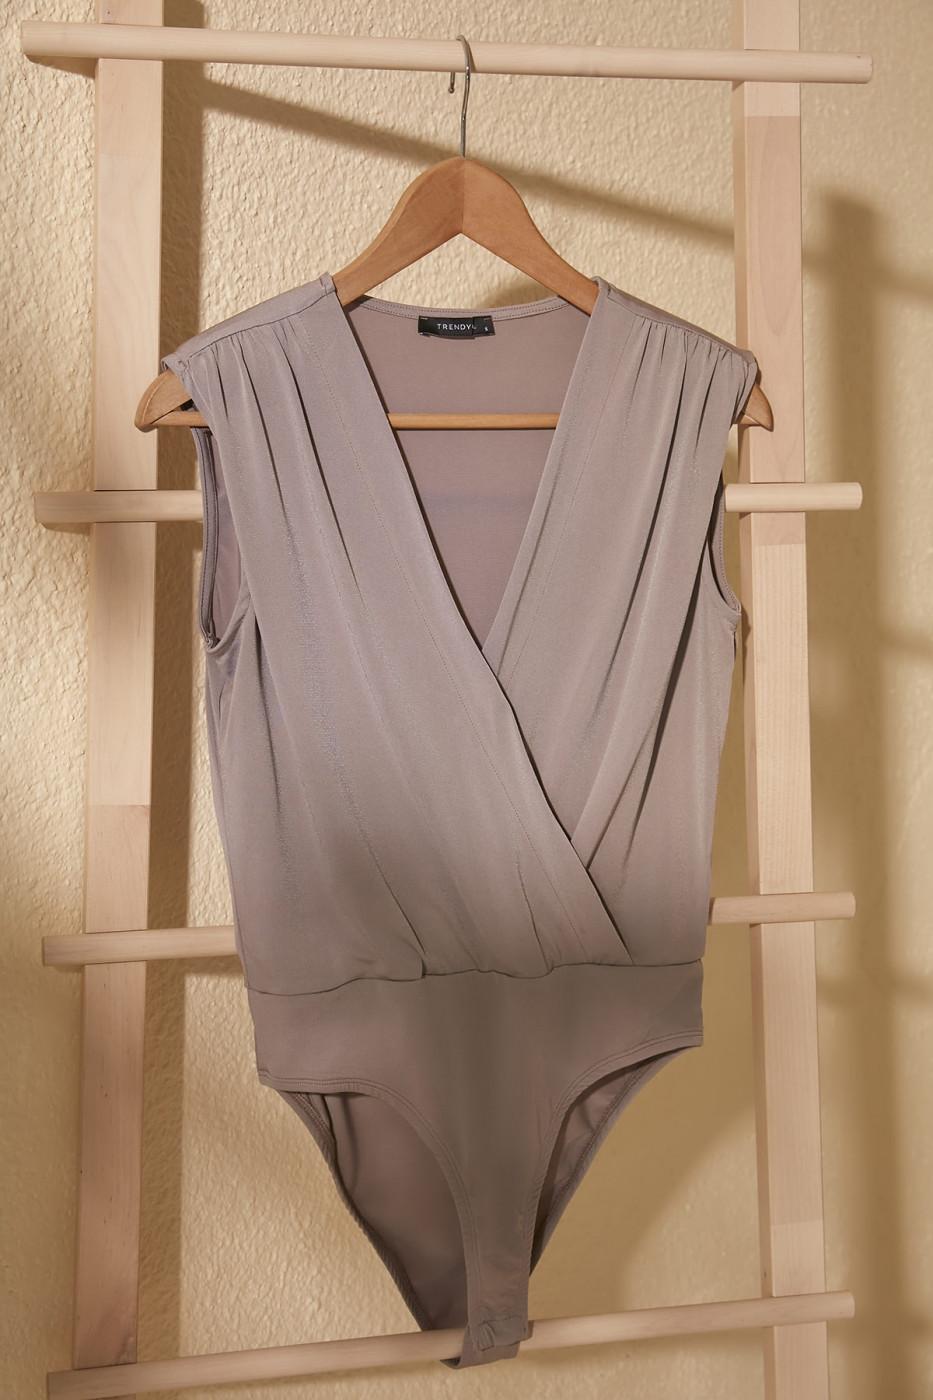 Trendyol Mink CruiseR Knitted Body